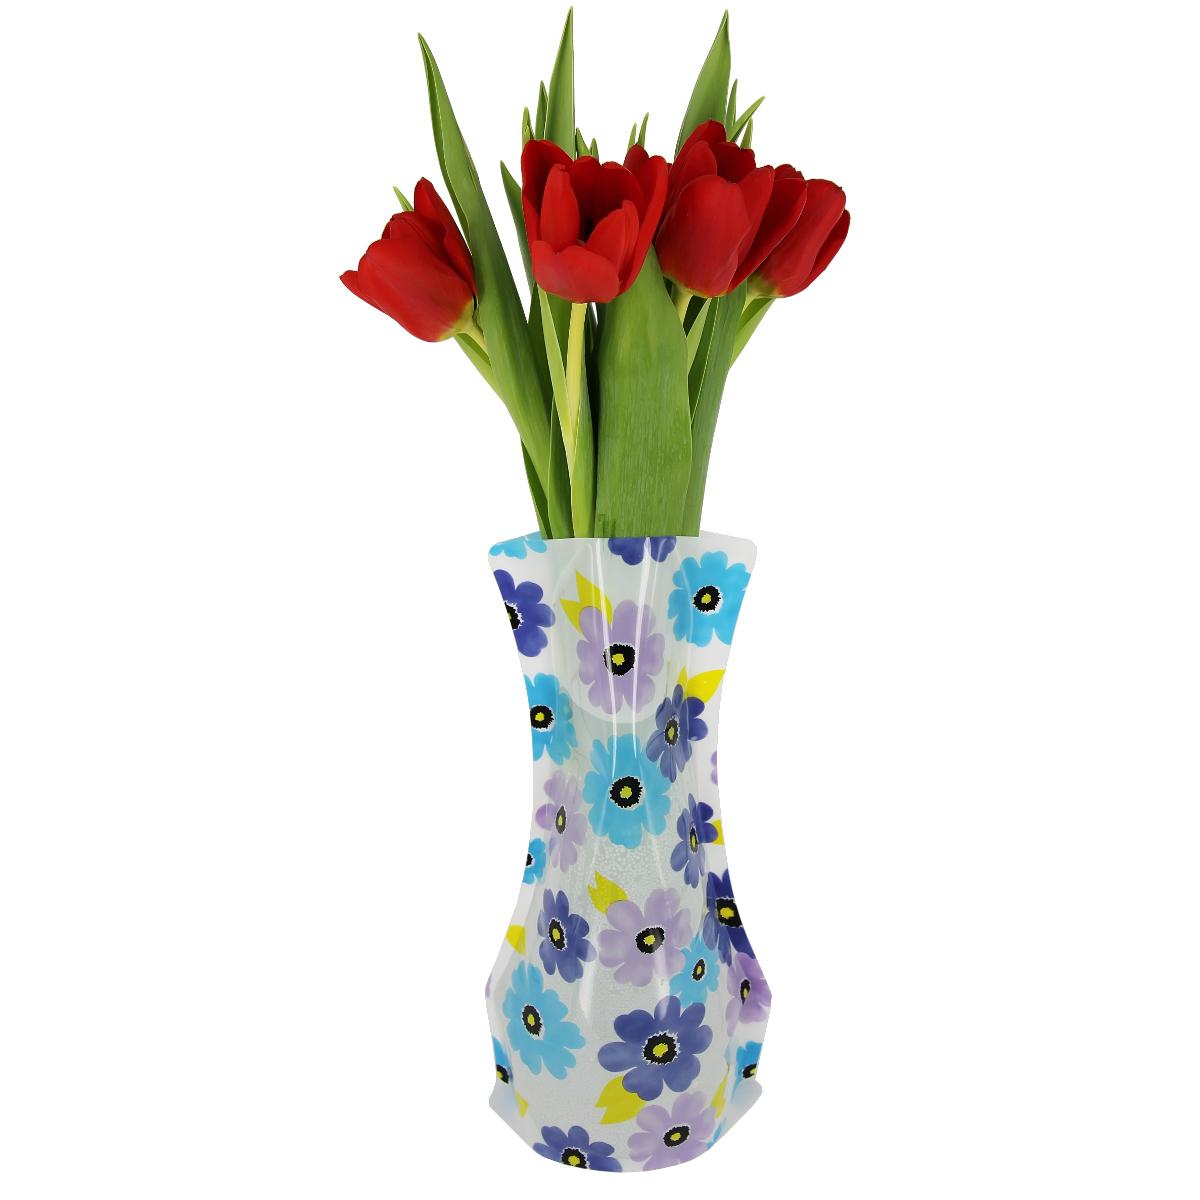 Ваза МастерПроф Сине-фиолетовые ромашки, пластичная, 1,2 лHS.040028Пластичная ваза Сине-фиолетовые ромашки легко складывается, удобно хранится - занимает мало места, долго служит. Всегда пригодится дома, в офисе, на даче, для оформления различных мероприятий. Отлично подойдет для перевозки цветов, или просто в подарок.Инструкция: 1. Наполните вазу теплой водой;2. Дно и стенки расправятся;3. Вылейте воду;4. Наполните вазу холодной водой;5. Вставьте цветы.Меры предосторожности:Хранить вдали от источников тепла и яркого солнечного света. С осторожностью применять для растений с длинными стеблями и с крупными соцветиями, что бы избежать опрокидывания вазы.